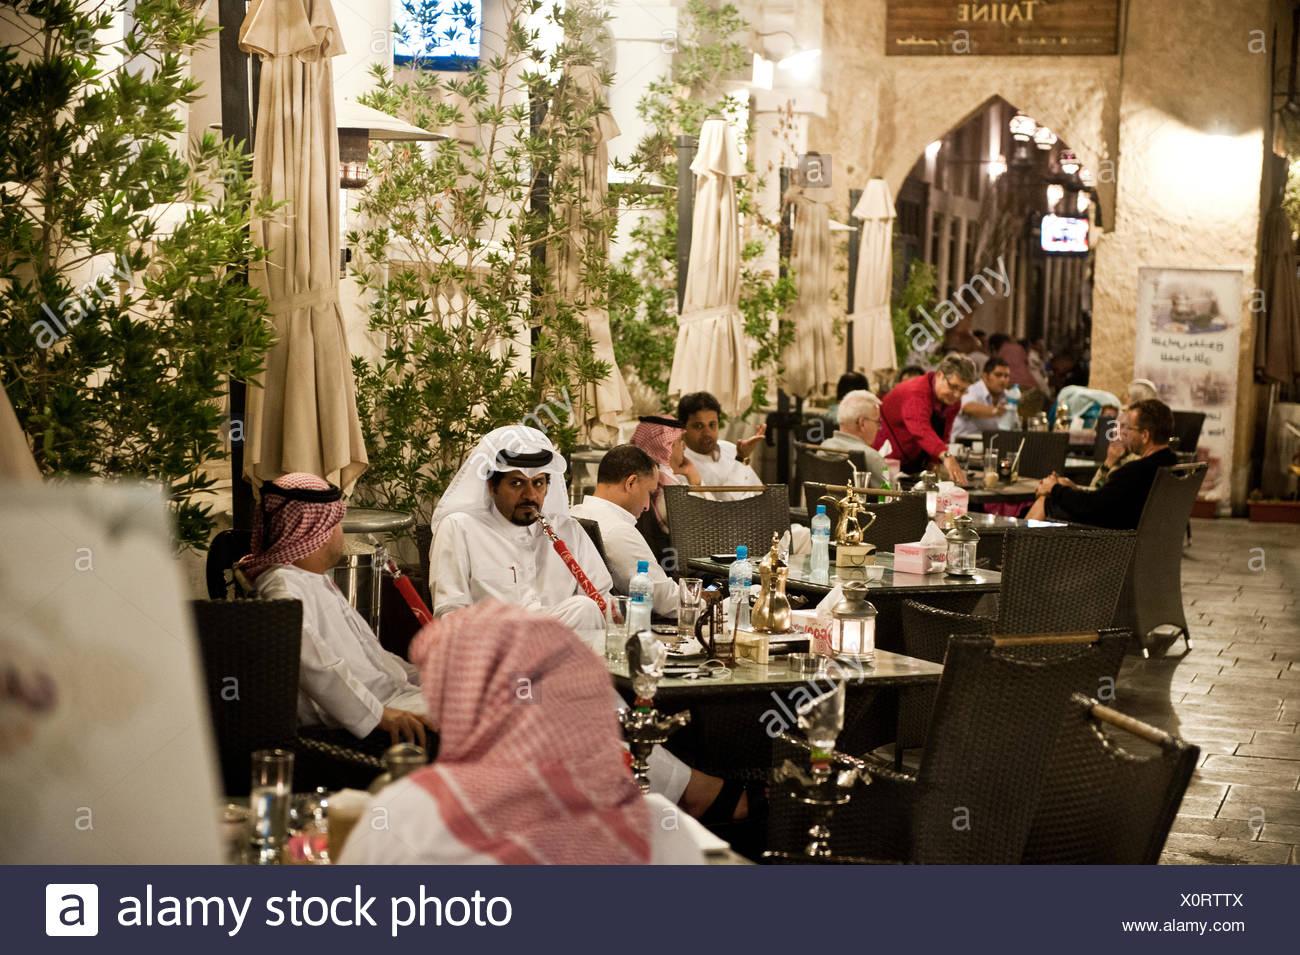 People dining and smoking shisha pipes at Al Tawash